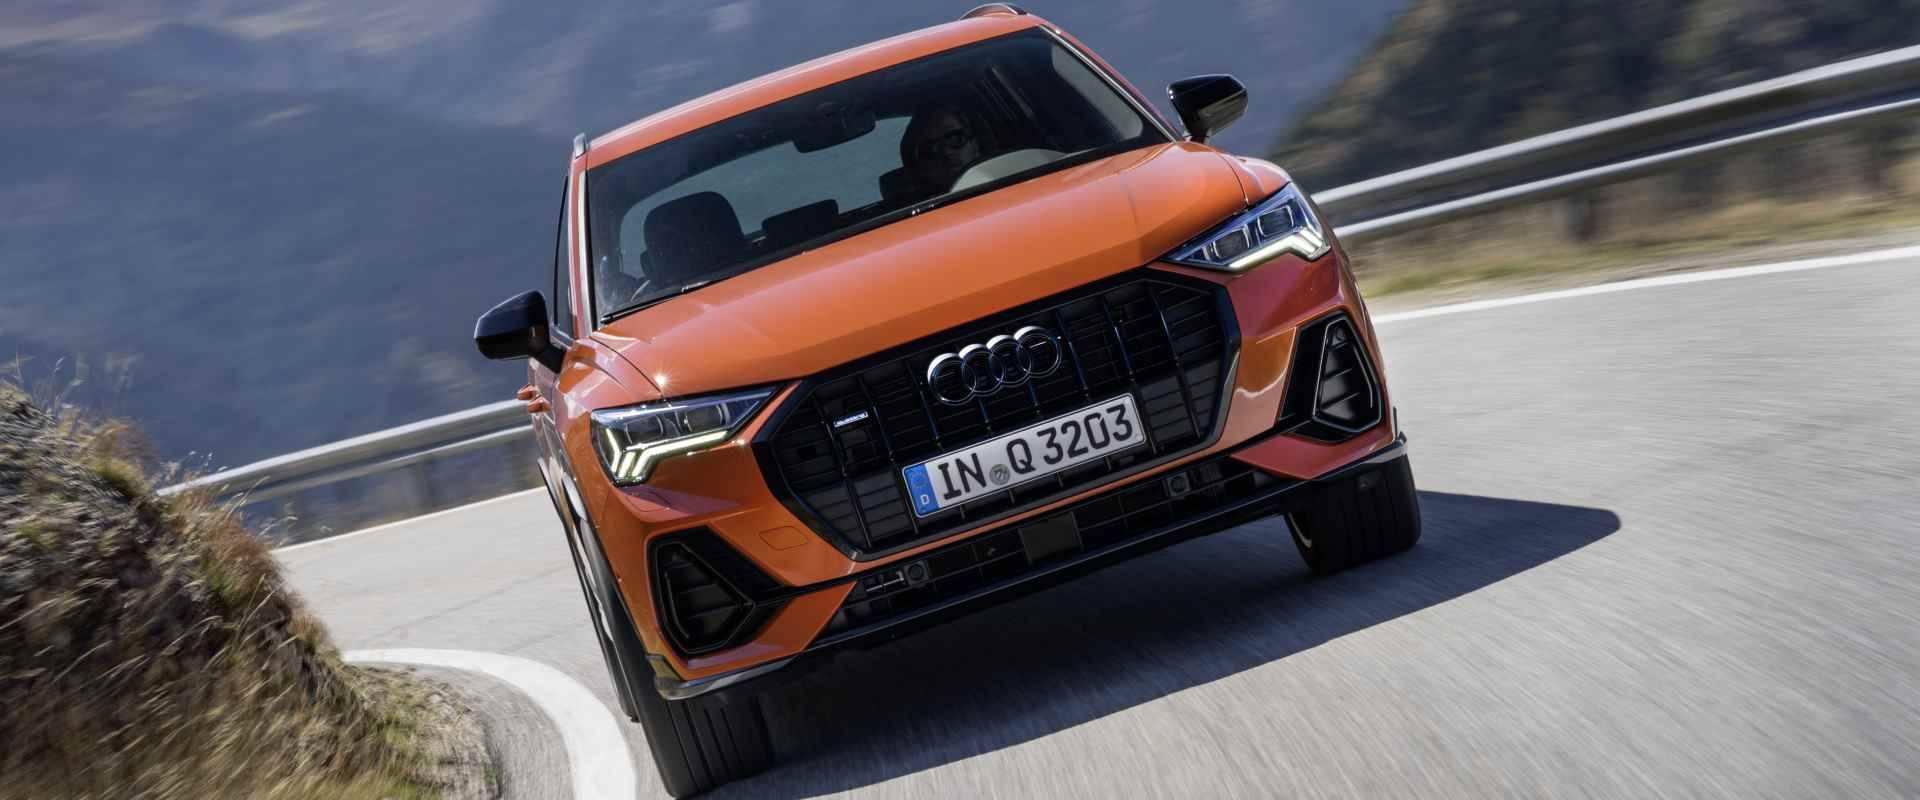 Audi Q3 2019 - Audi Paris header art